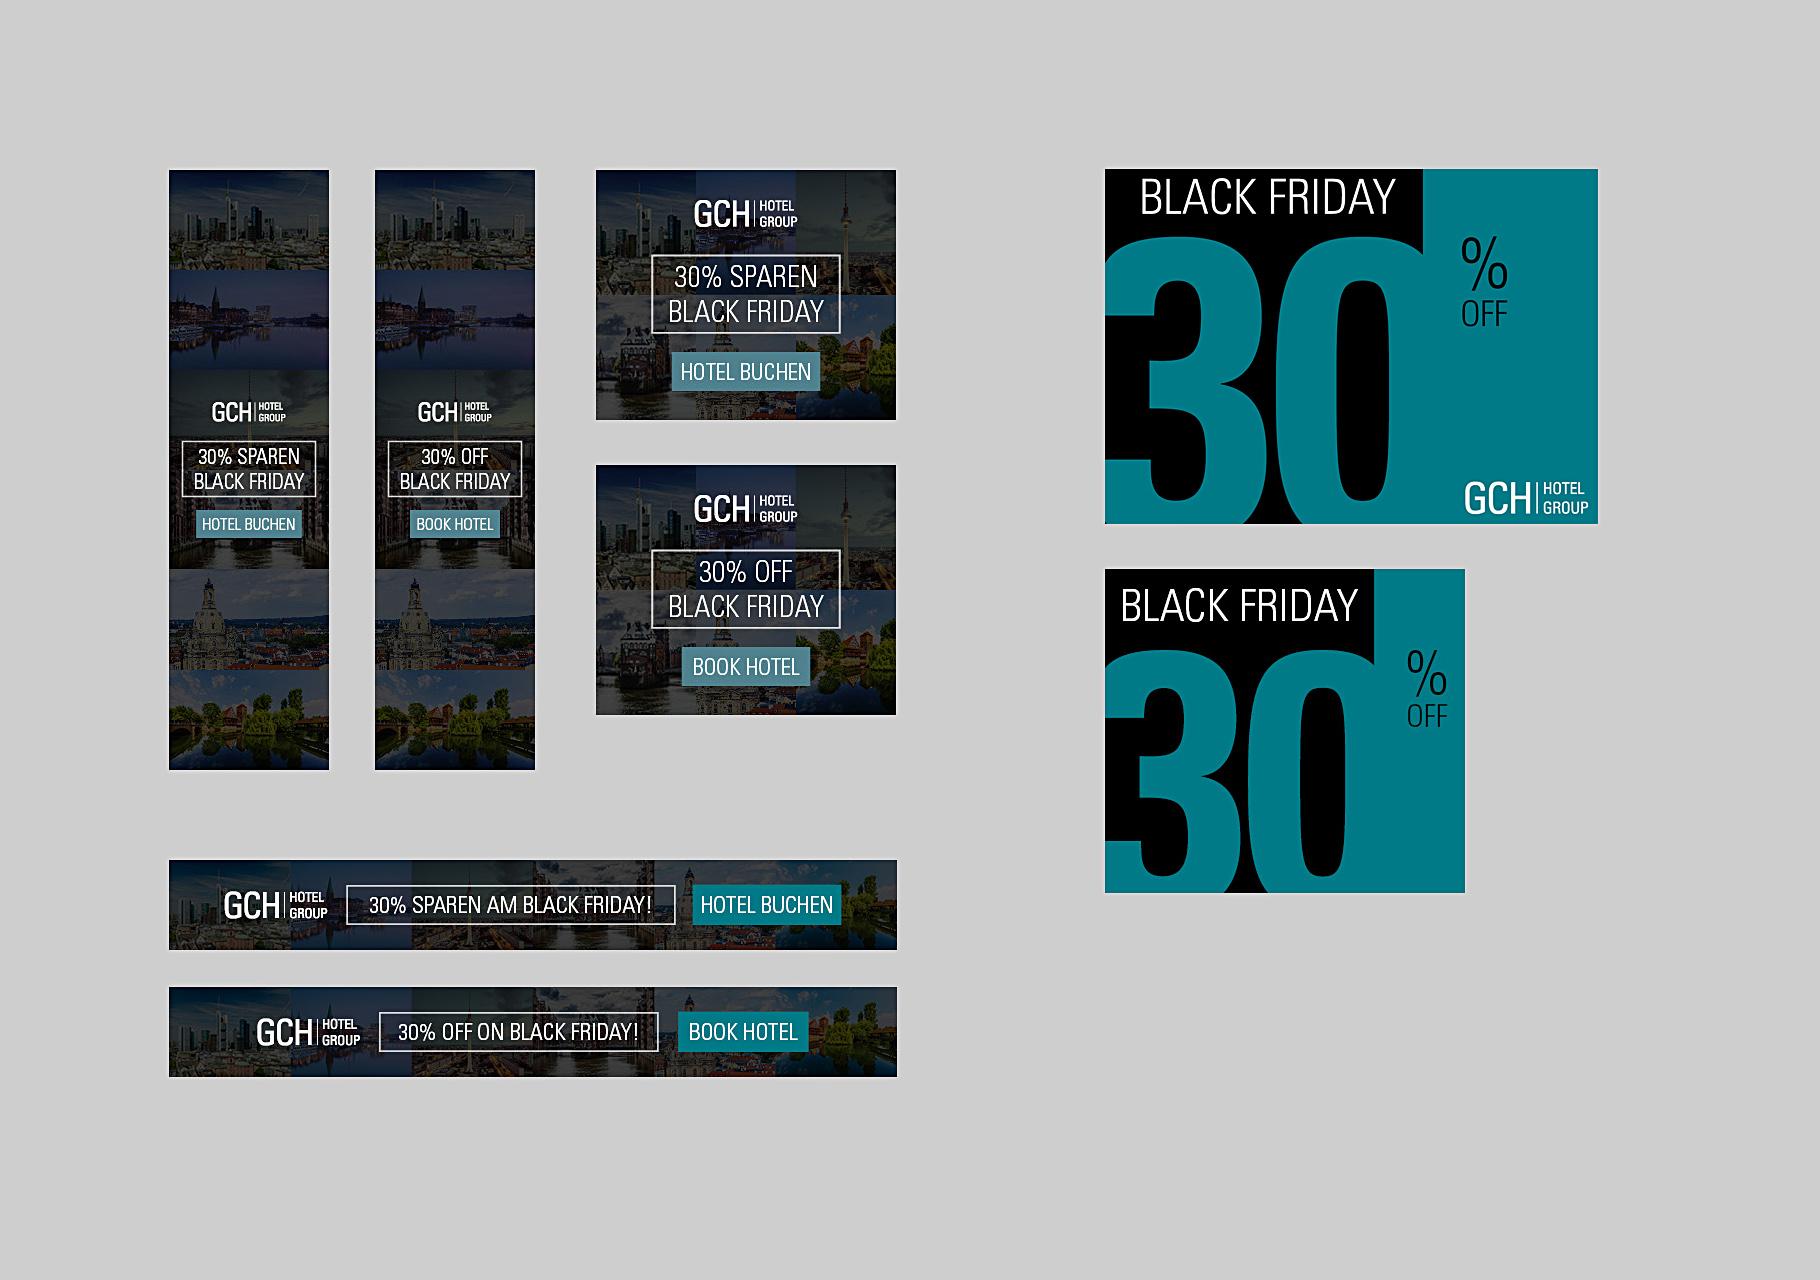 Übersicht Banner für Black Friday 2018, erstellt für Facebook, Website, Newsletter sowie Google Ads